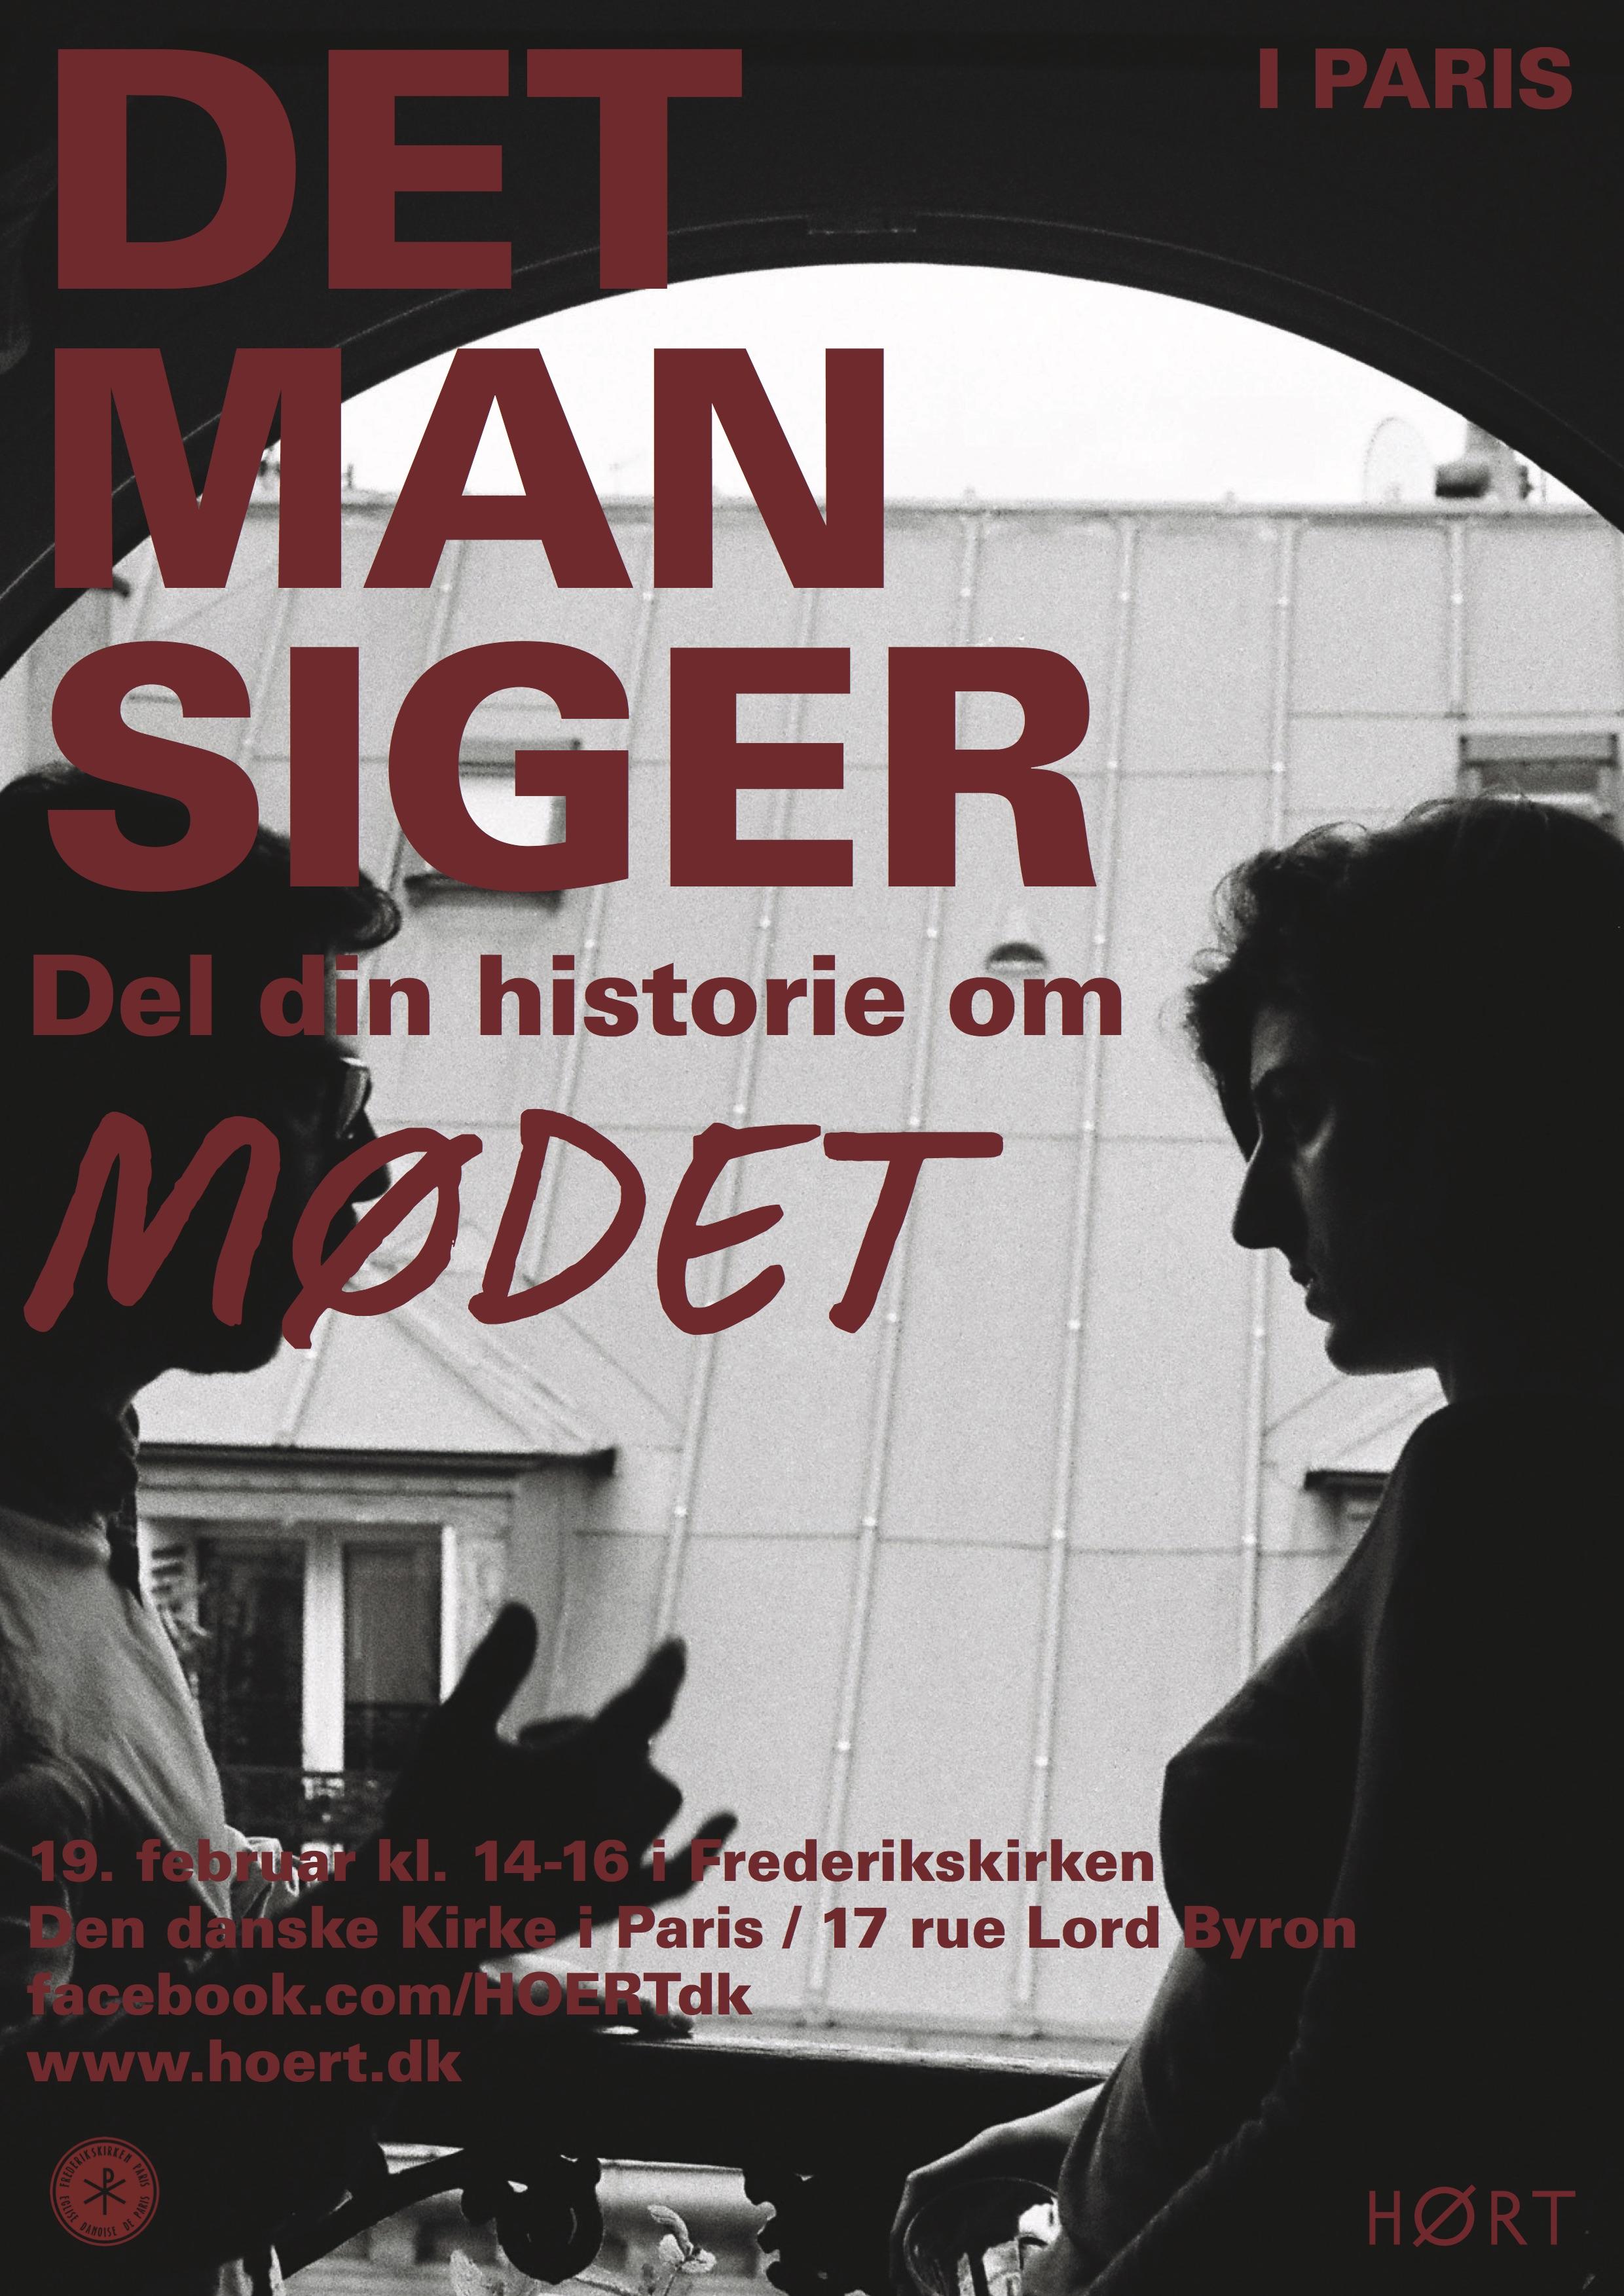 Poster HØRT_mødet.jpg